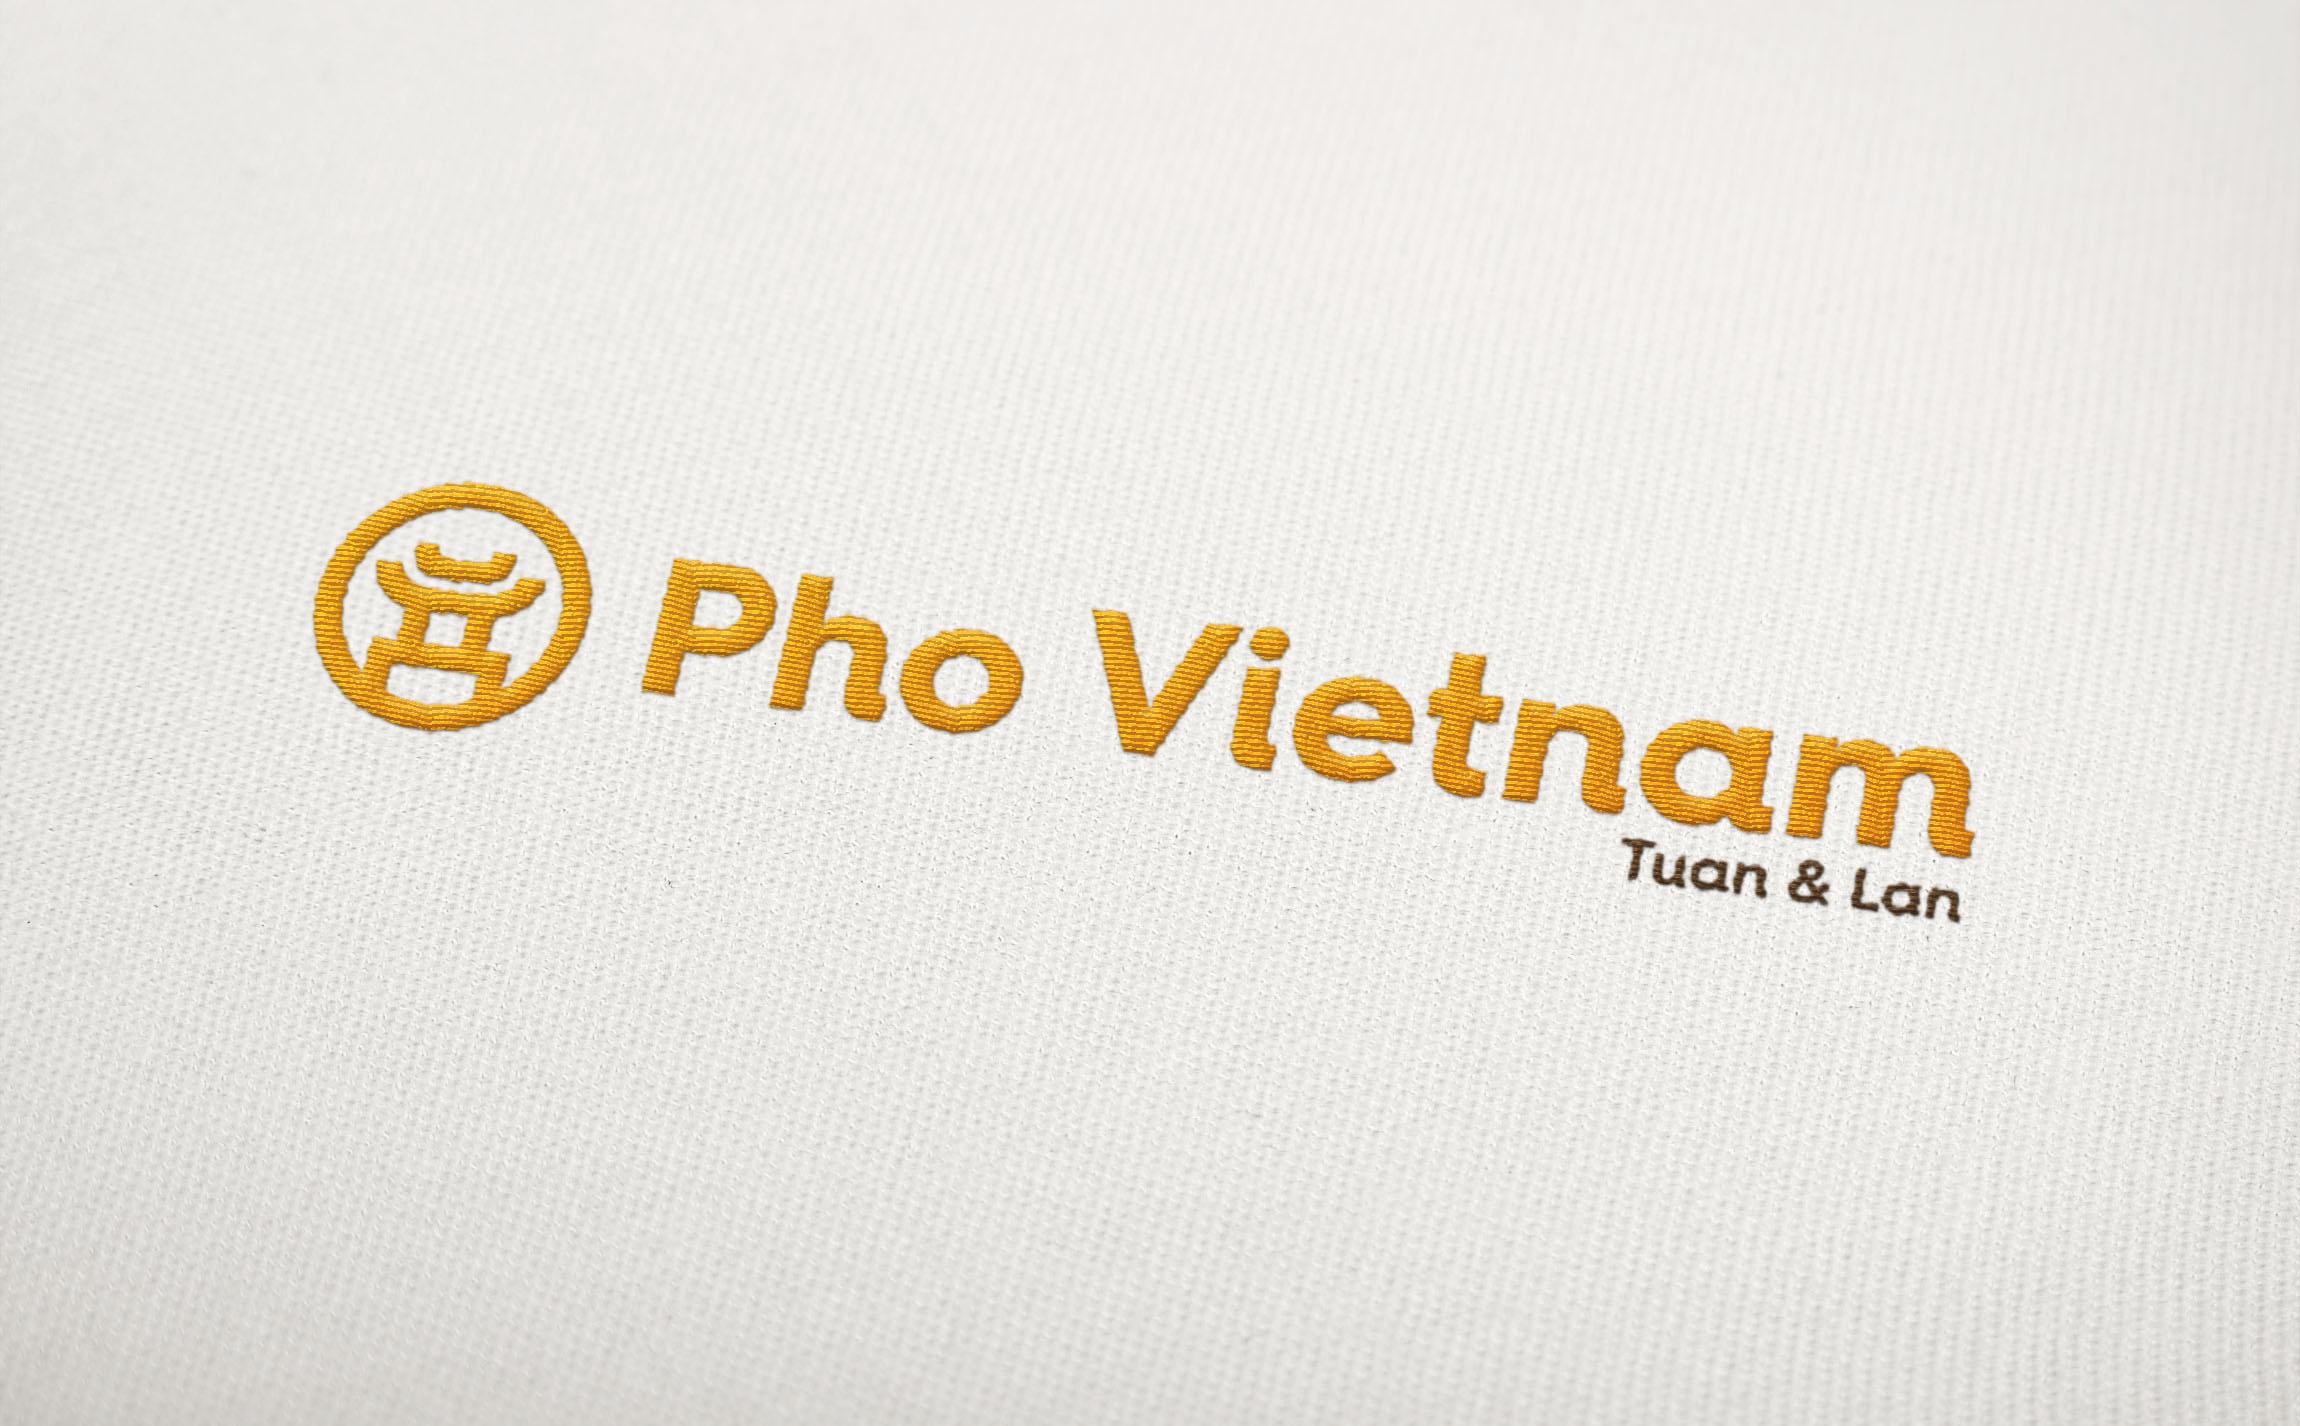 Pho_Vietnam_Tuan_Lan_Praha_design_vysivka_Veronika_Rut_Novakova_m